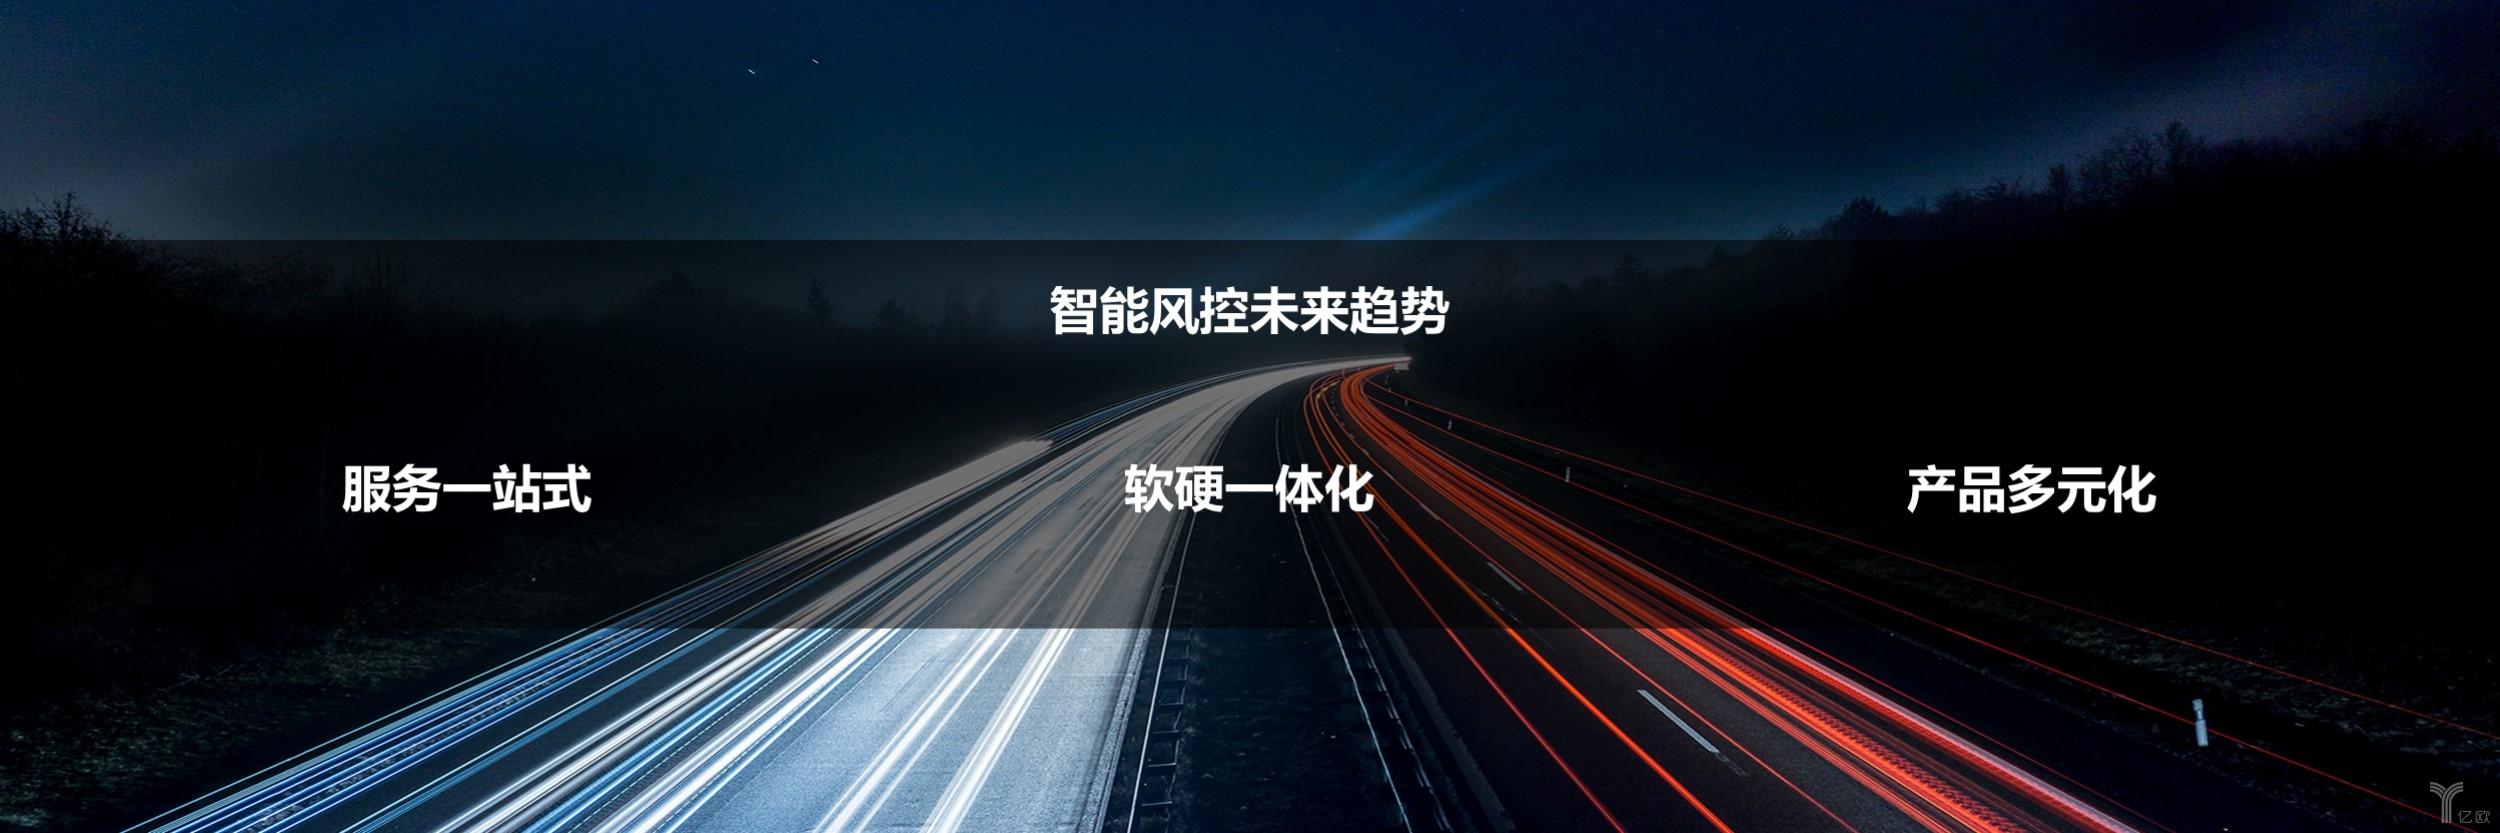 智能风控将成为未来三年金融科技企业主战场